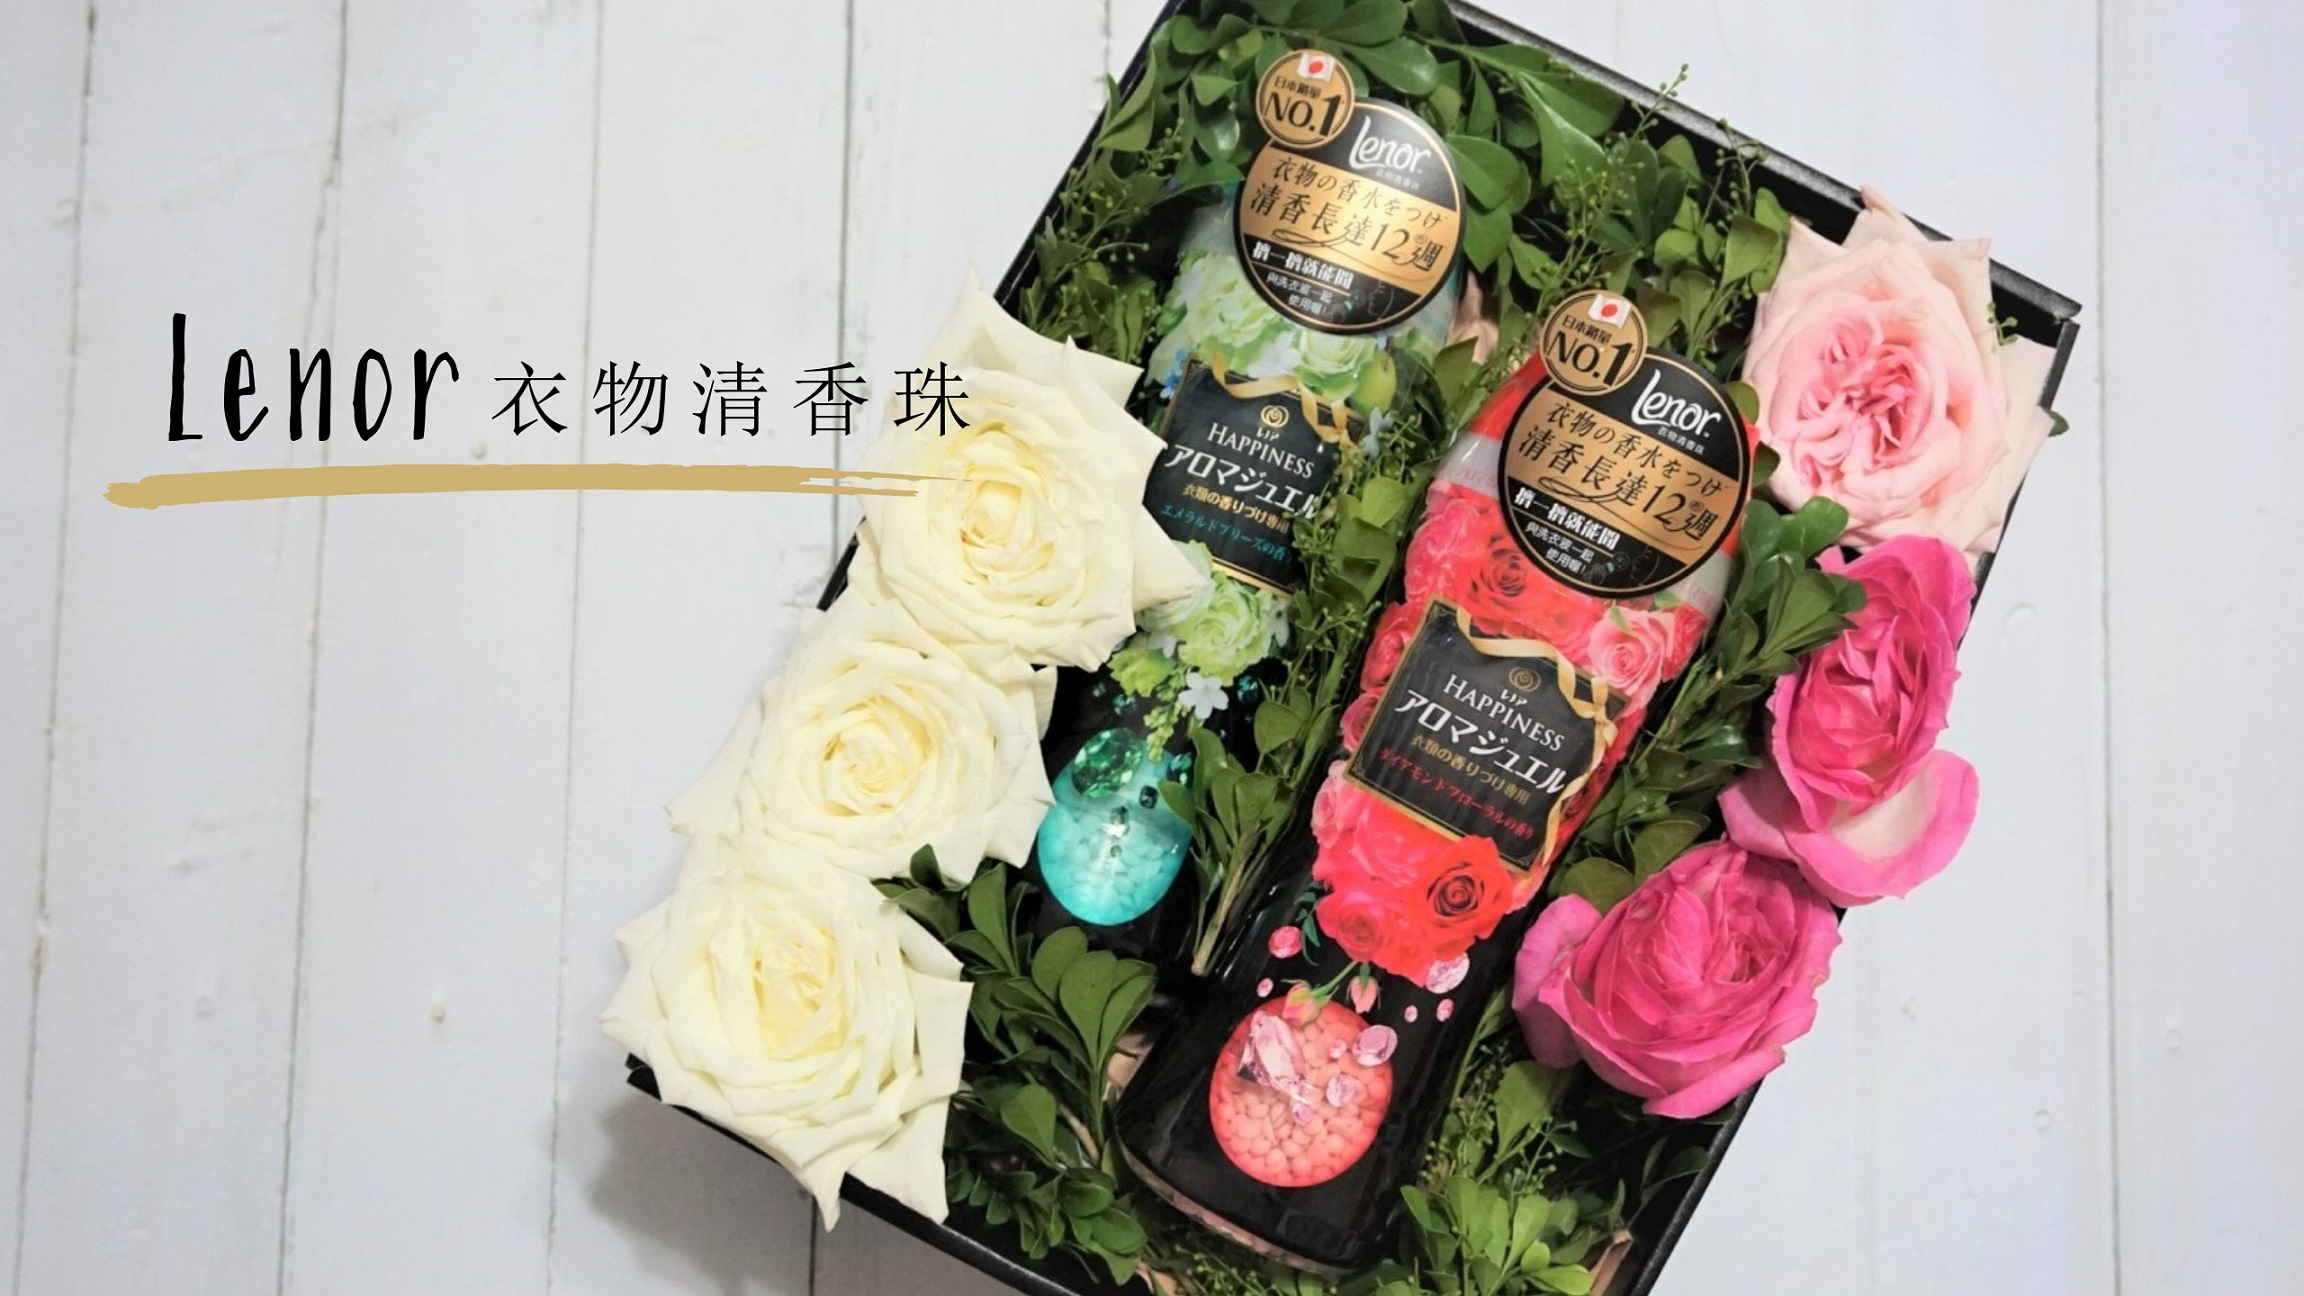 除噏味 .。₀: Lenor 衣物清香珠 ✿ 衣物の香水